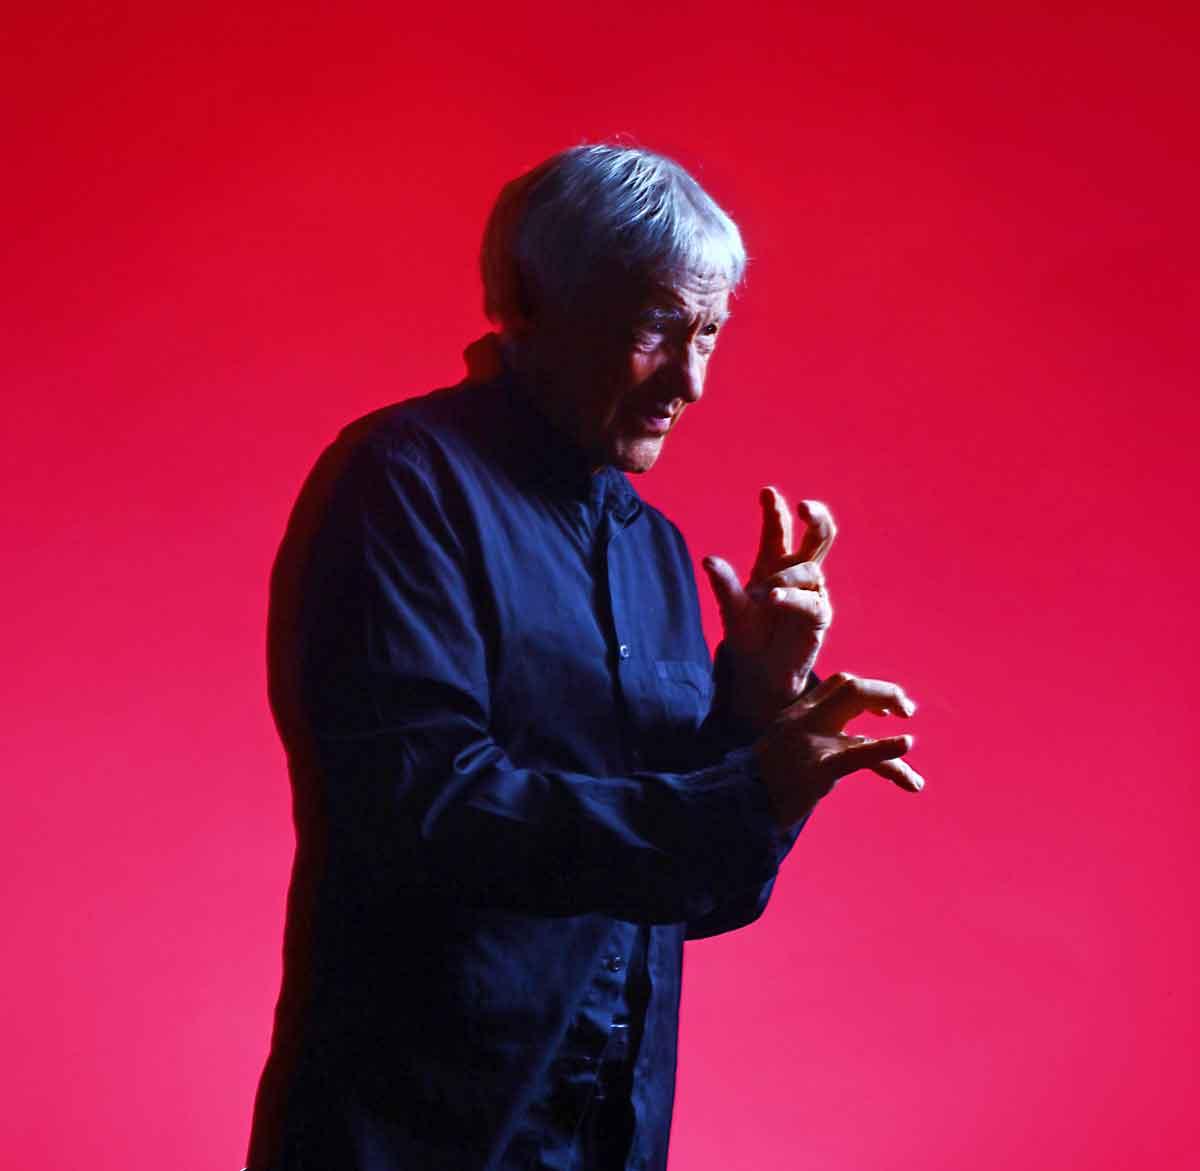 Michel PORTAL au Théâtre des Champs Elysées le  dimanche 11 mars à 11h